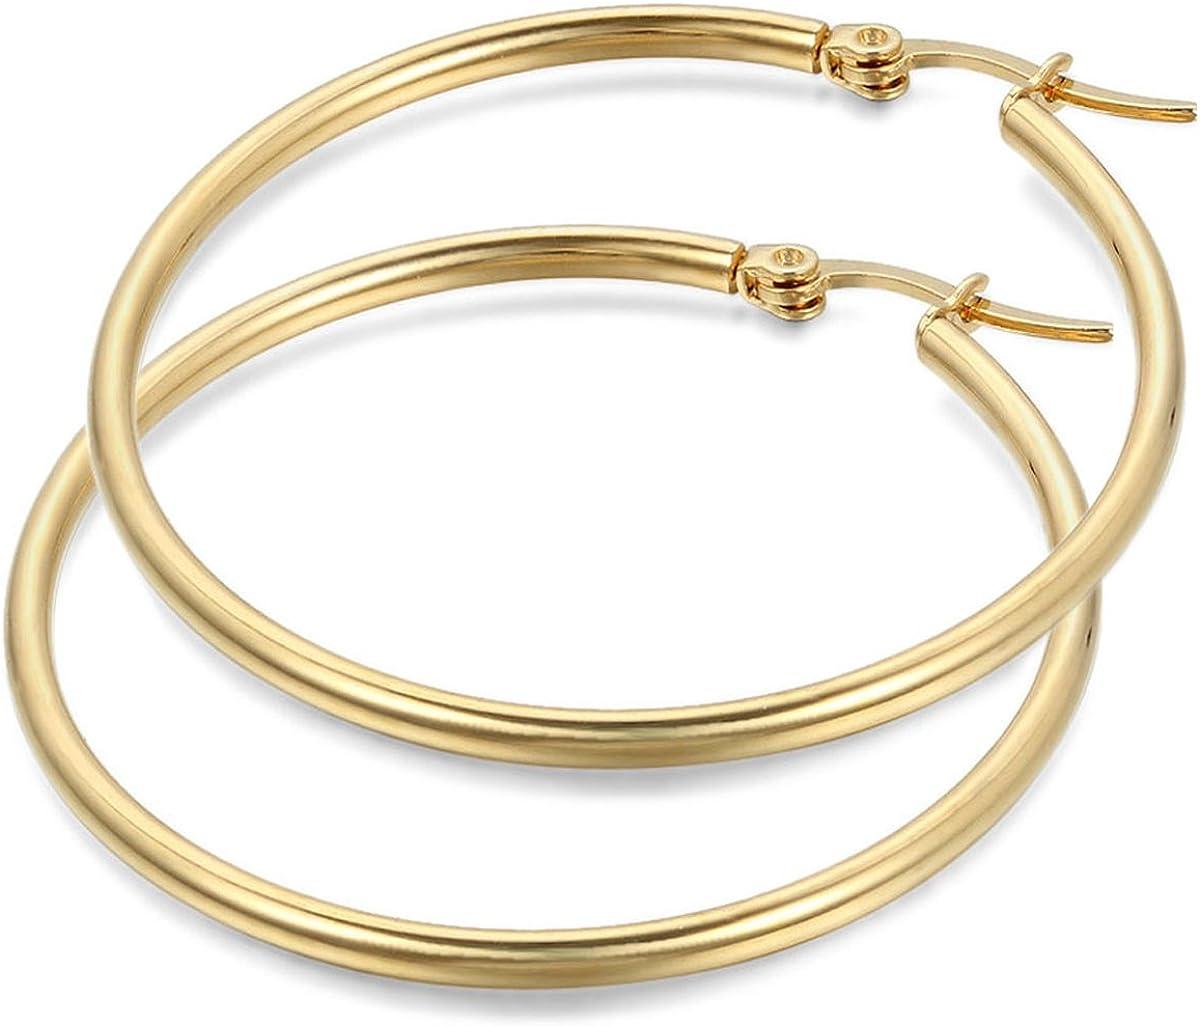 JewelryWe Pendientes de Aros Grande Circulos Huggies, Acero Inoxidable Pendientes de Mujer Dorados, Retro Vintage Pendientes Grandes Diseño Elegante de 6 Tamaños